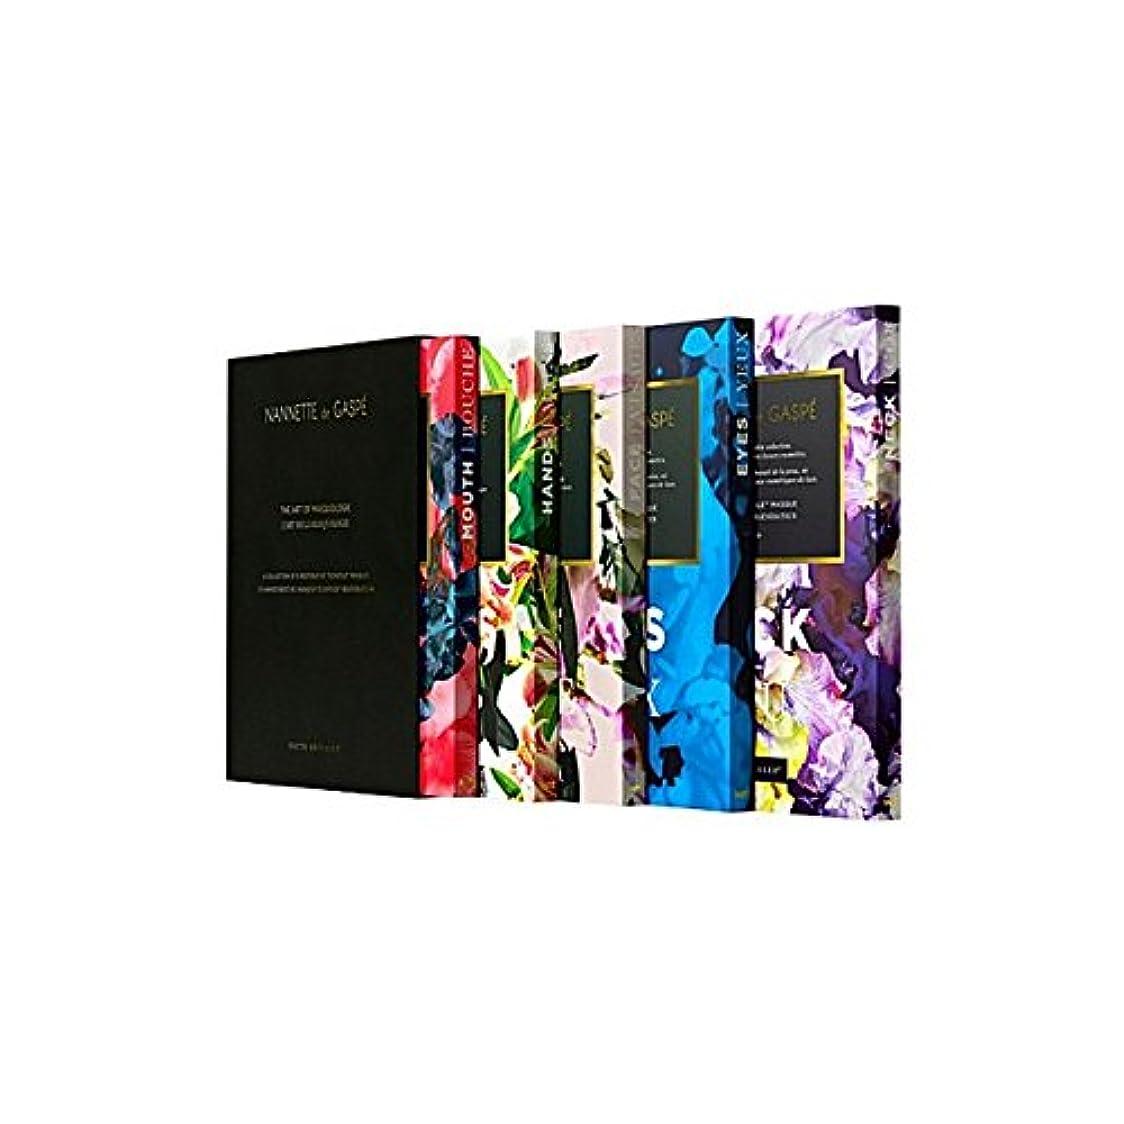 人物予約ファンネルウェブスパイダーデガスペ修復仮面劇コフレ x2 - Nannette De Gaspe Restorative Techstile Masque Coffret (Pack of 2) [並行輸入品]